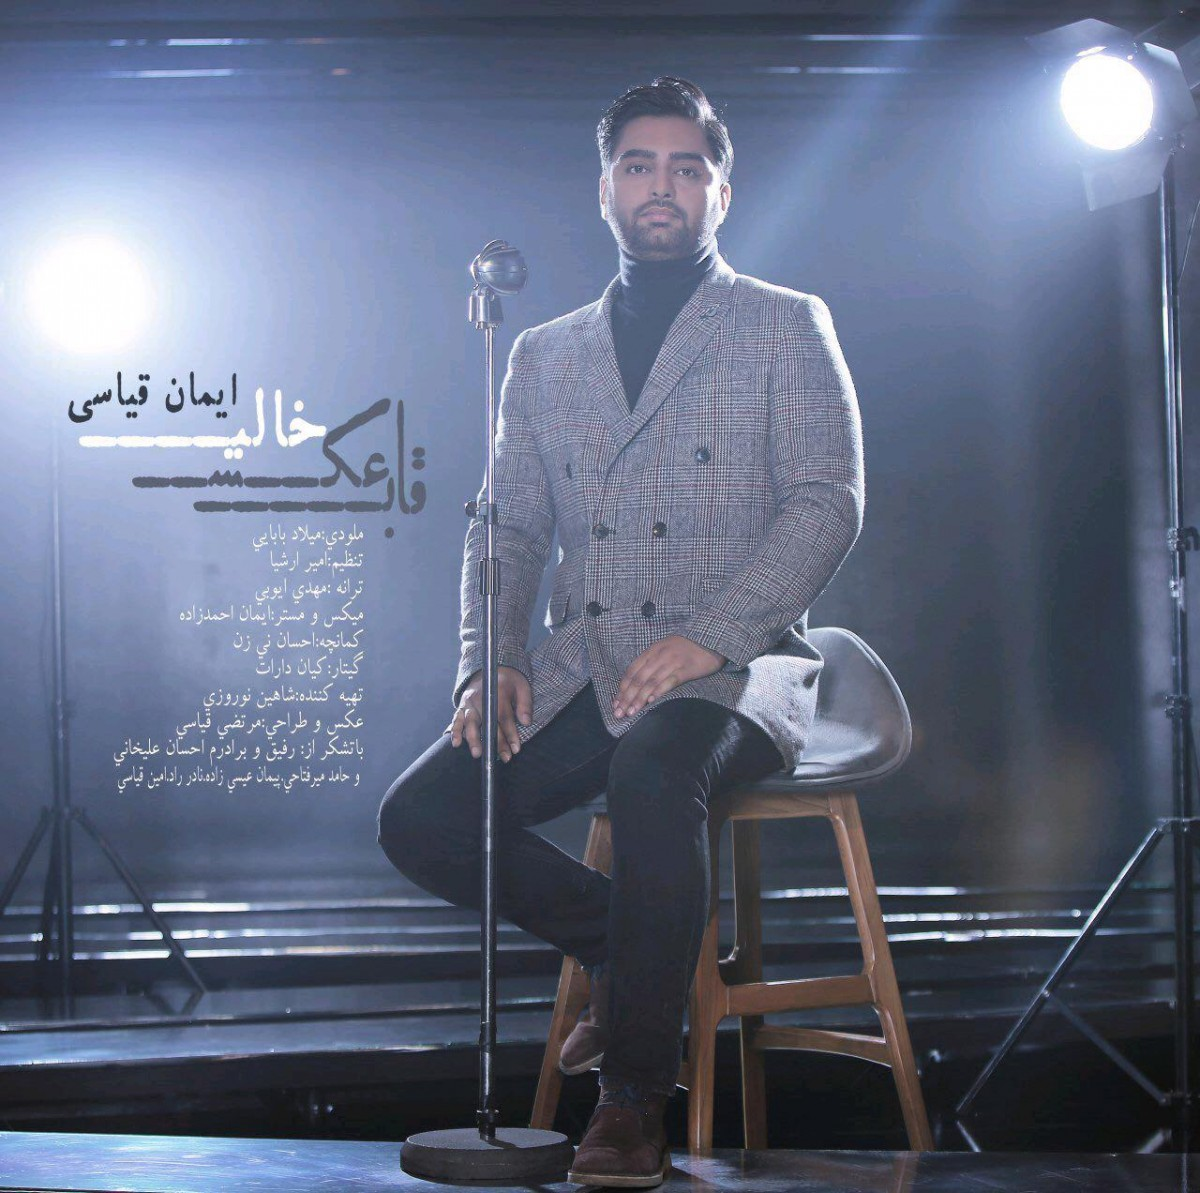 نامبر وان موزیک | دانلود آهنگ جدید Iman-Ghiasi-Ghabe-Aske-Khali